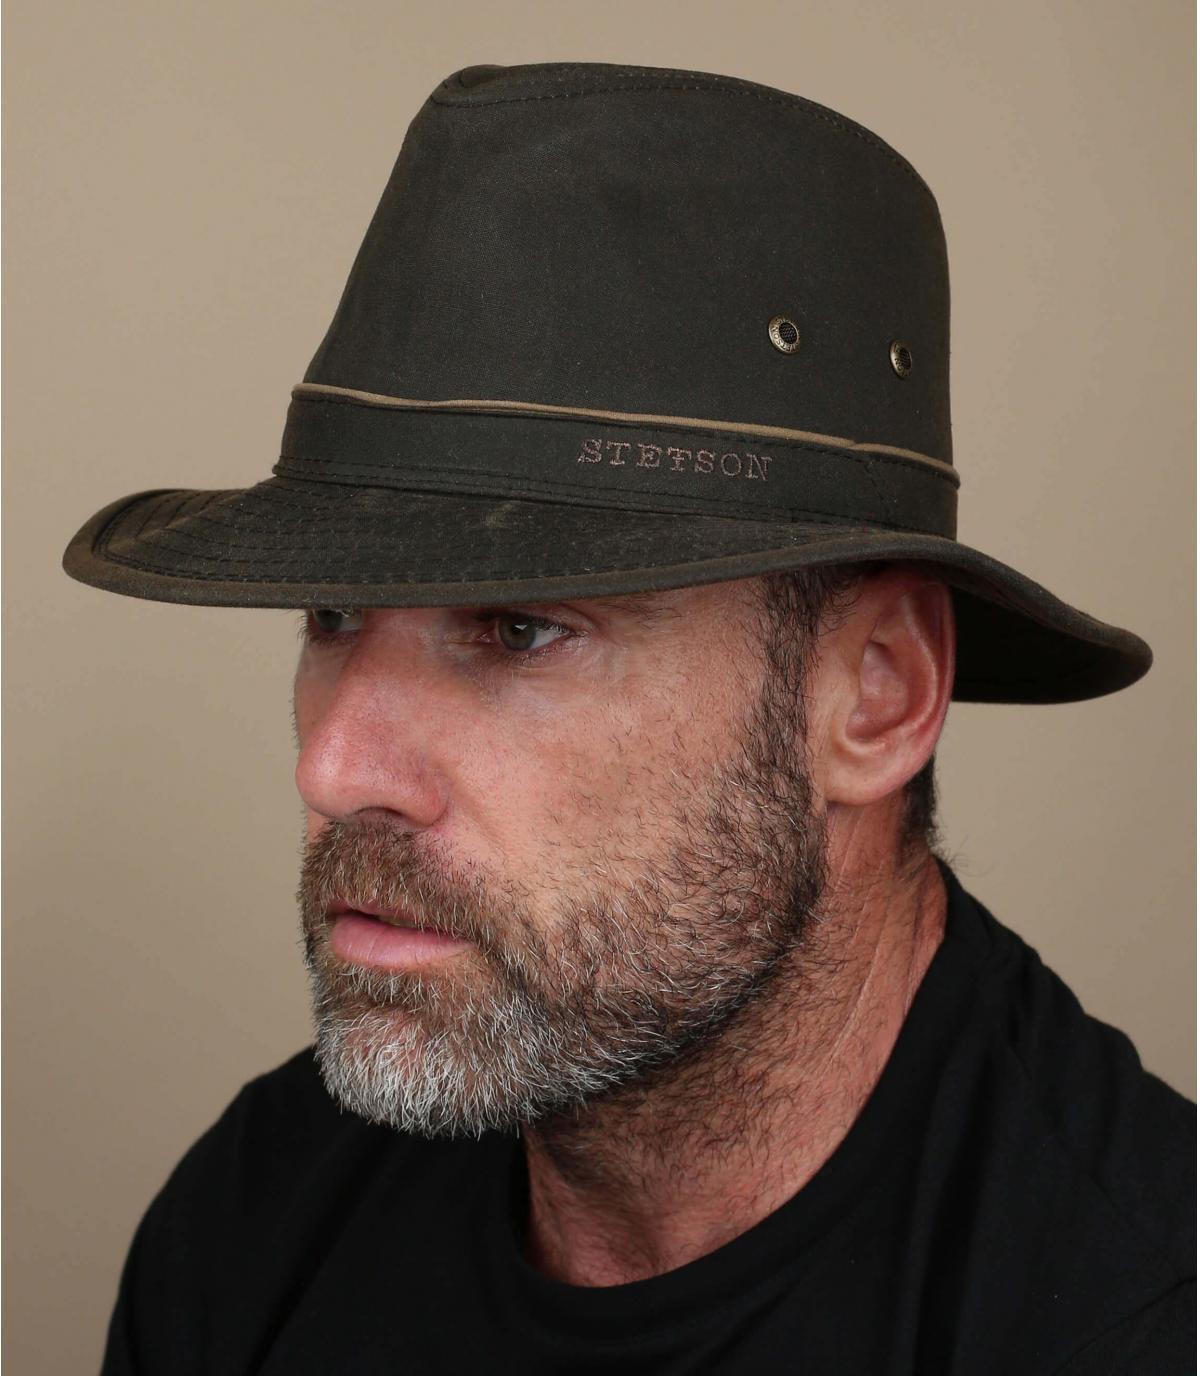 Cappello ava stetson